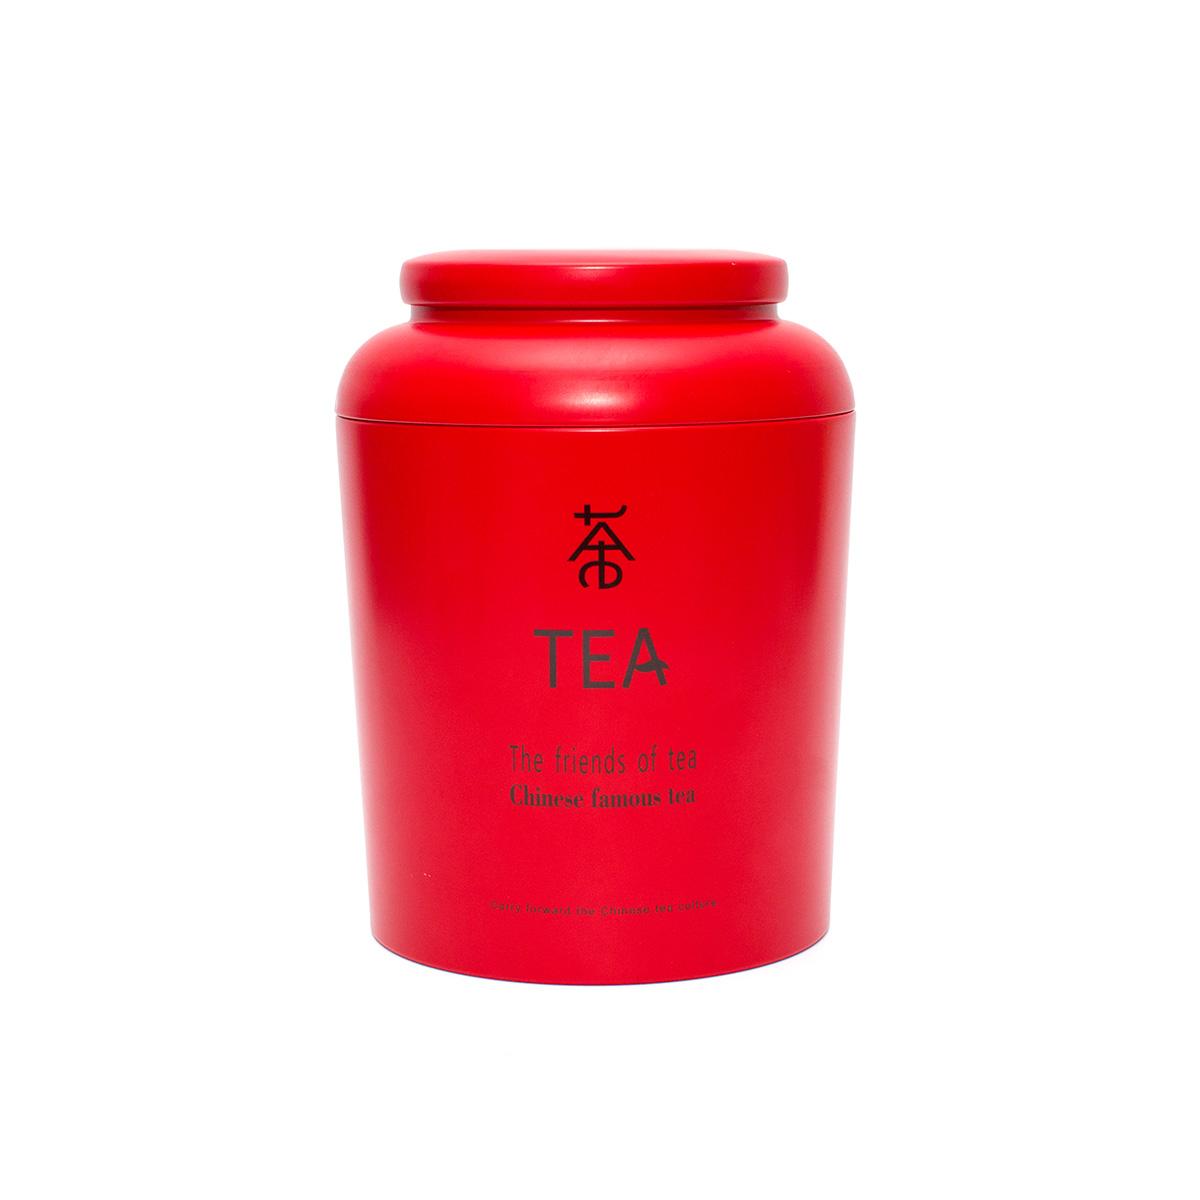 Банка для хранения чая Евразия, красная